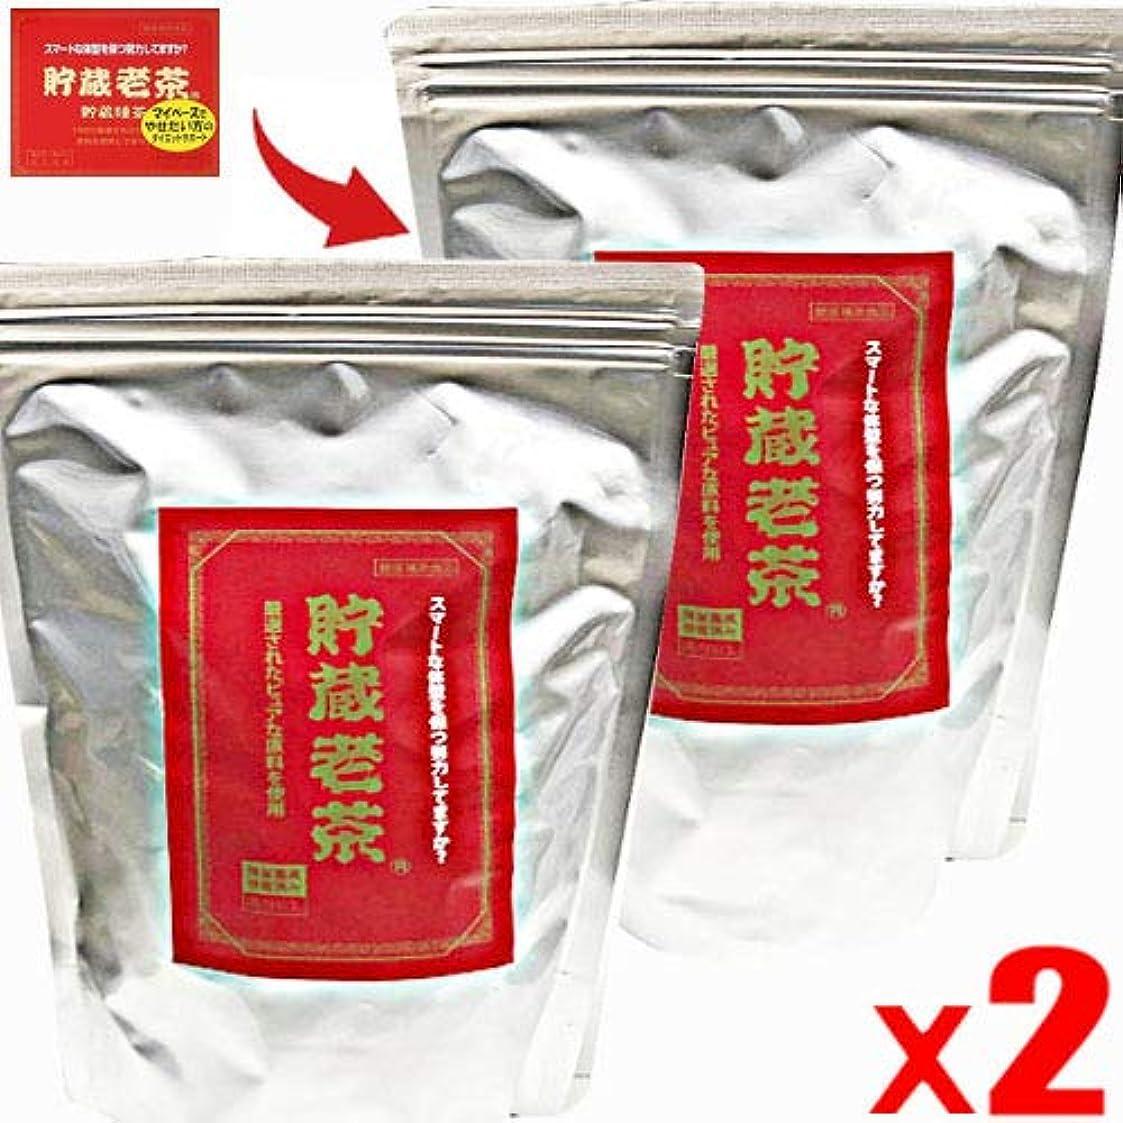 健康ユダヤ人噴出する共栄 貯蔵老茶 (3.7gX60包)x2個(4972889000197-2) 赤箱からパウチ包装に変更です。